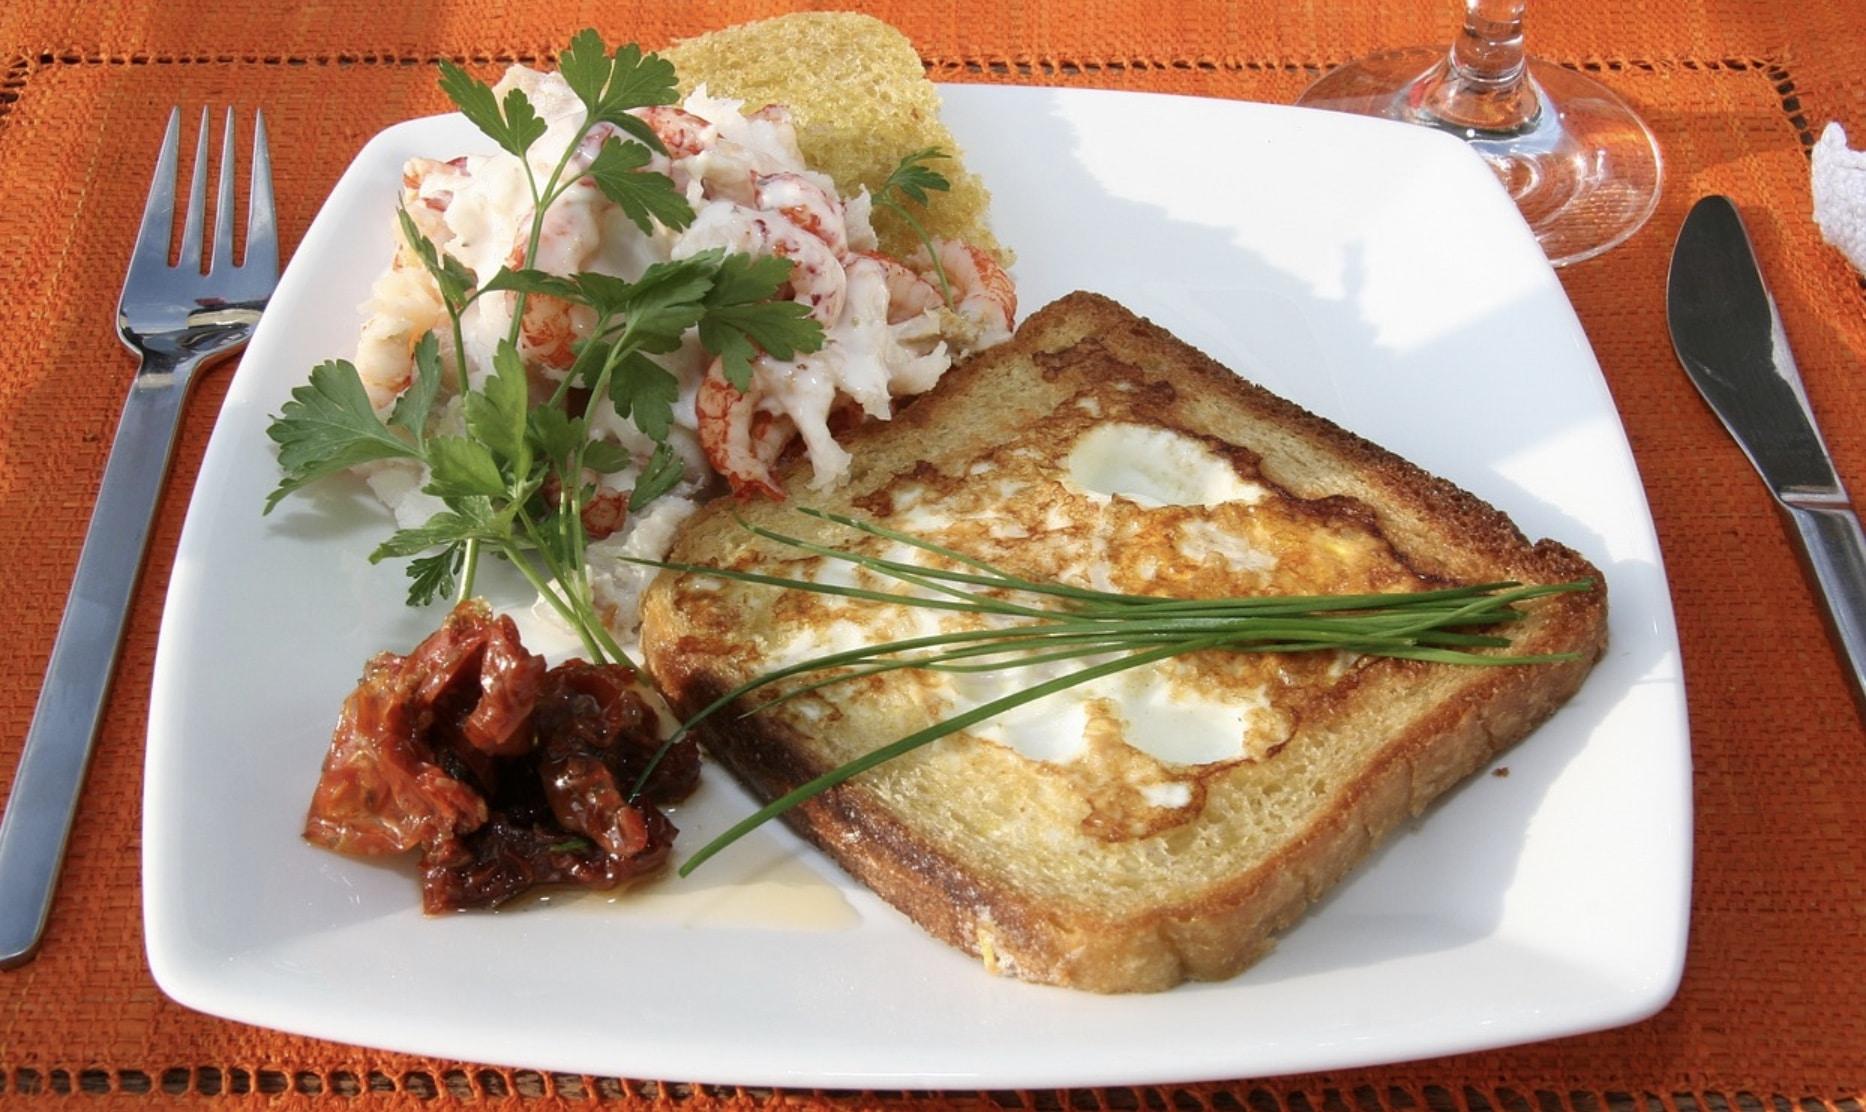 Petit-déjeuner : vous devez bannir impérativement ces aliments, découvrez les raisons - Breakingnews.fr